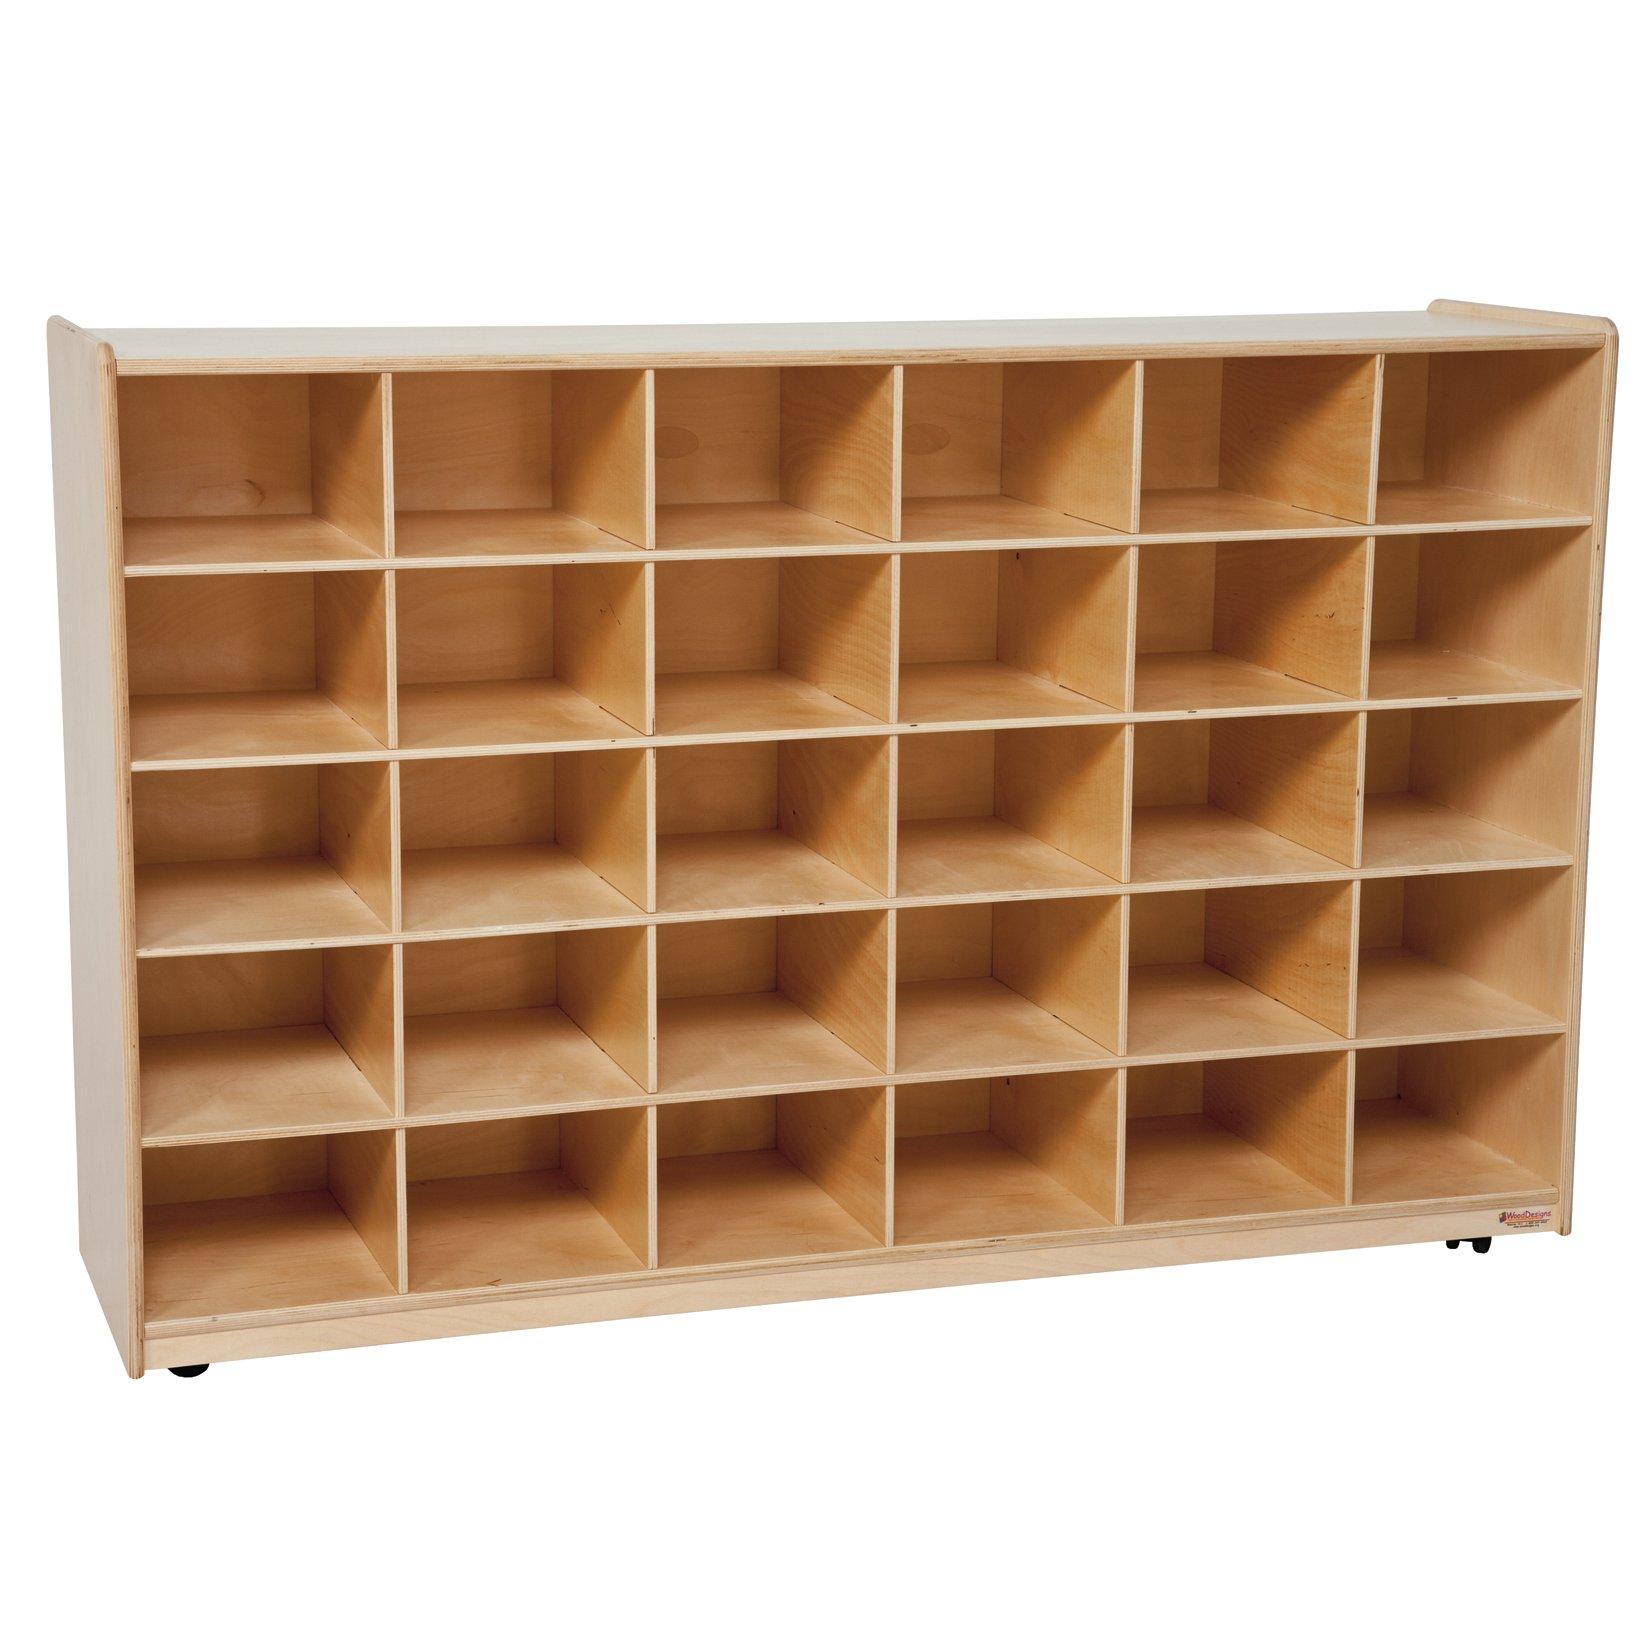 """Wood Designs WD16039 (30) Tray Storage without Trays, 36 x 58 x 15"""" (H x W x D)"""